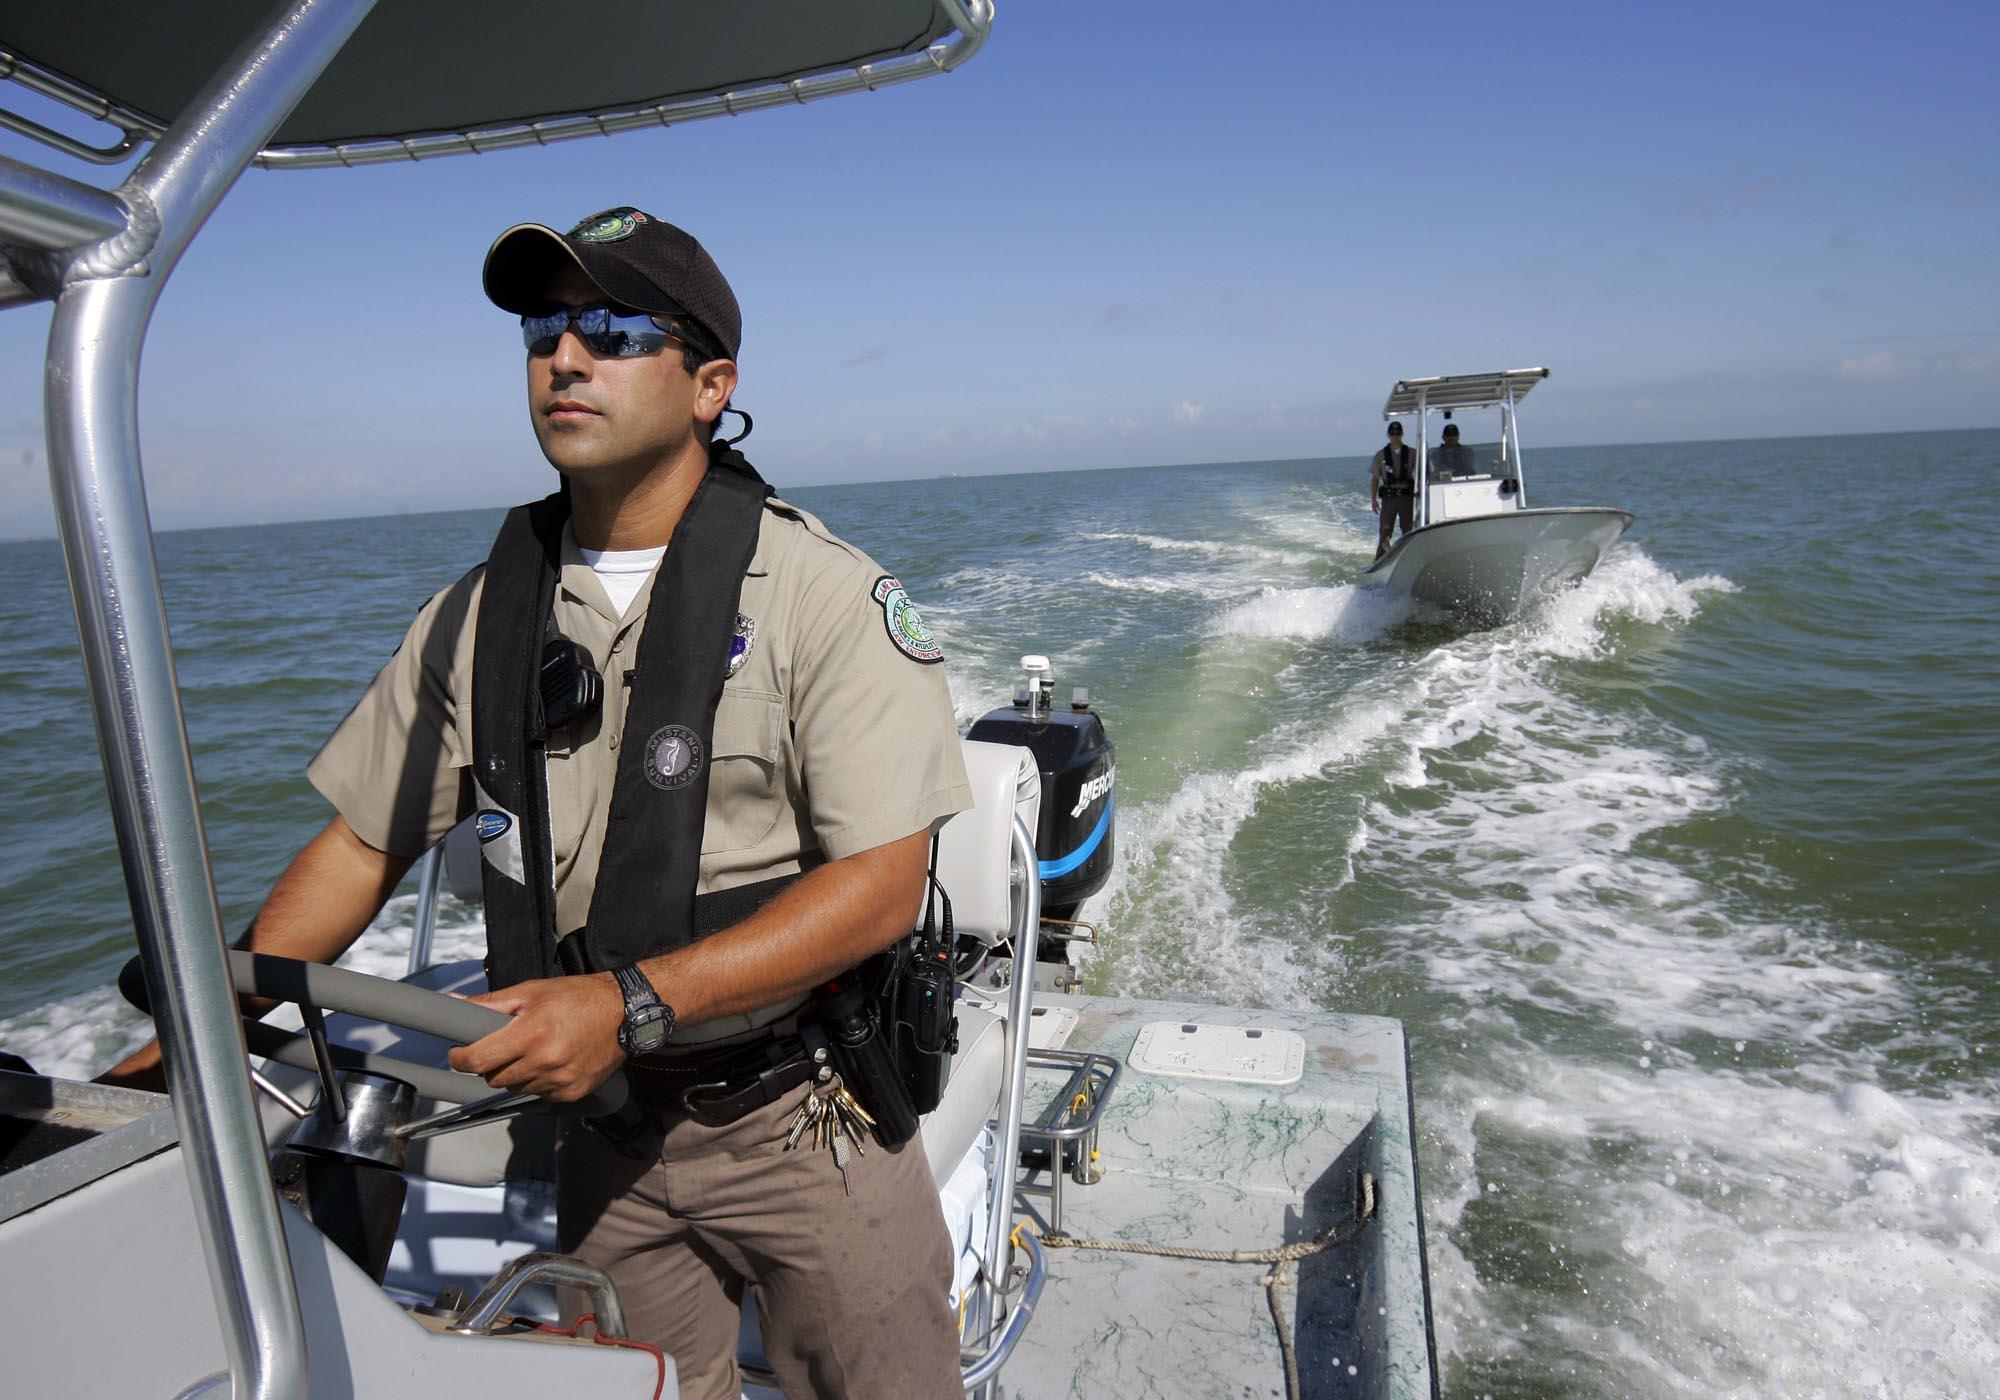 offshore_training_065--.jpg